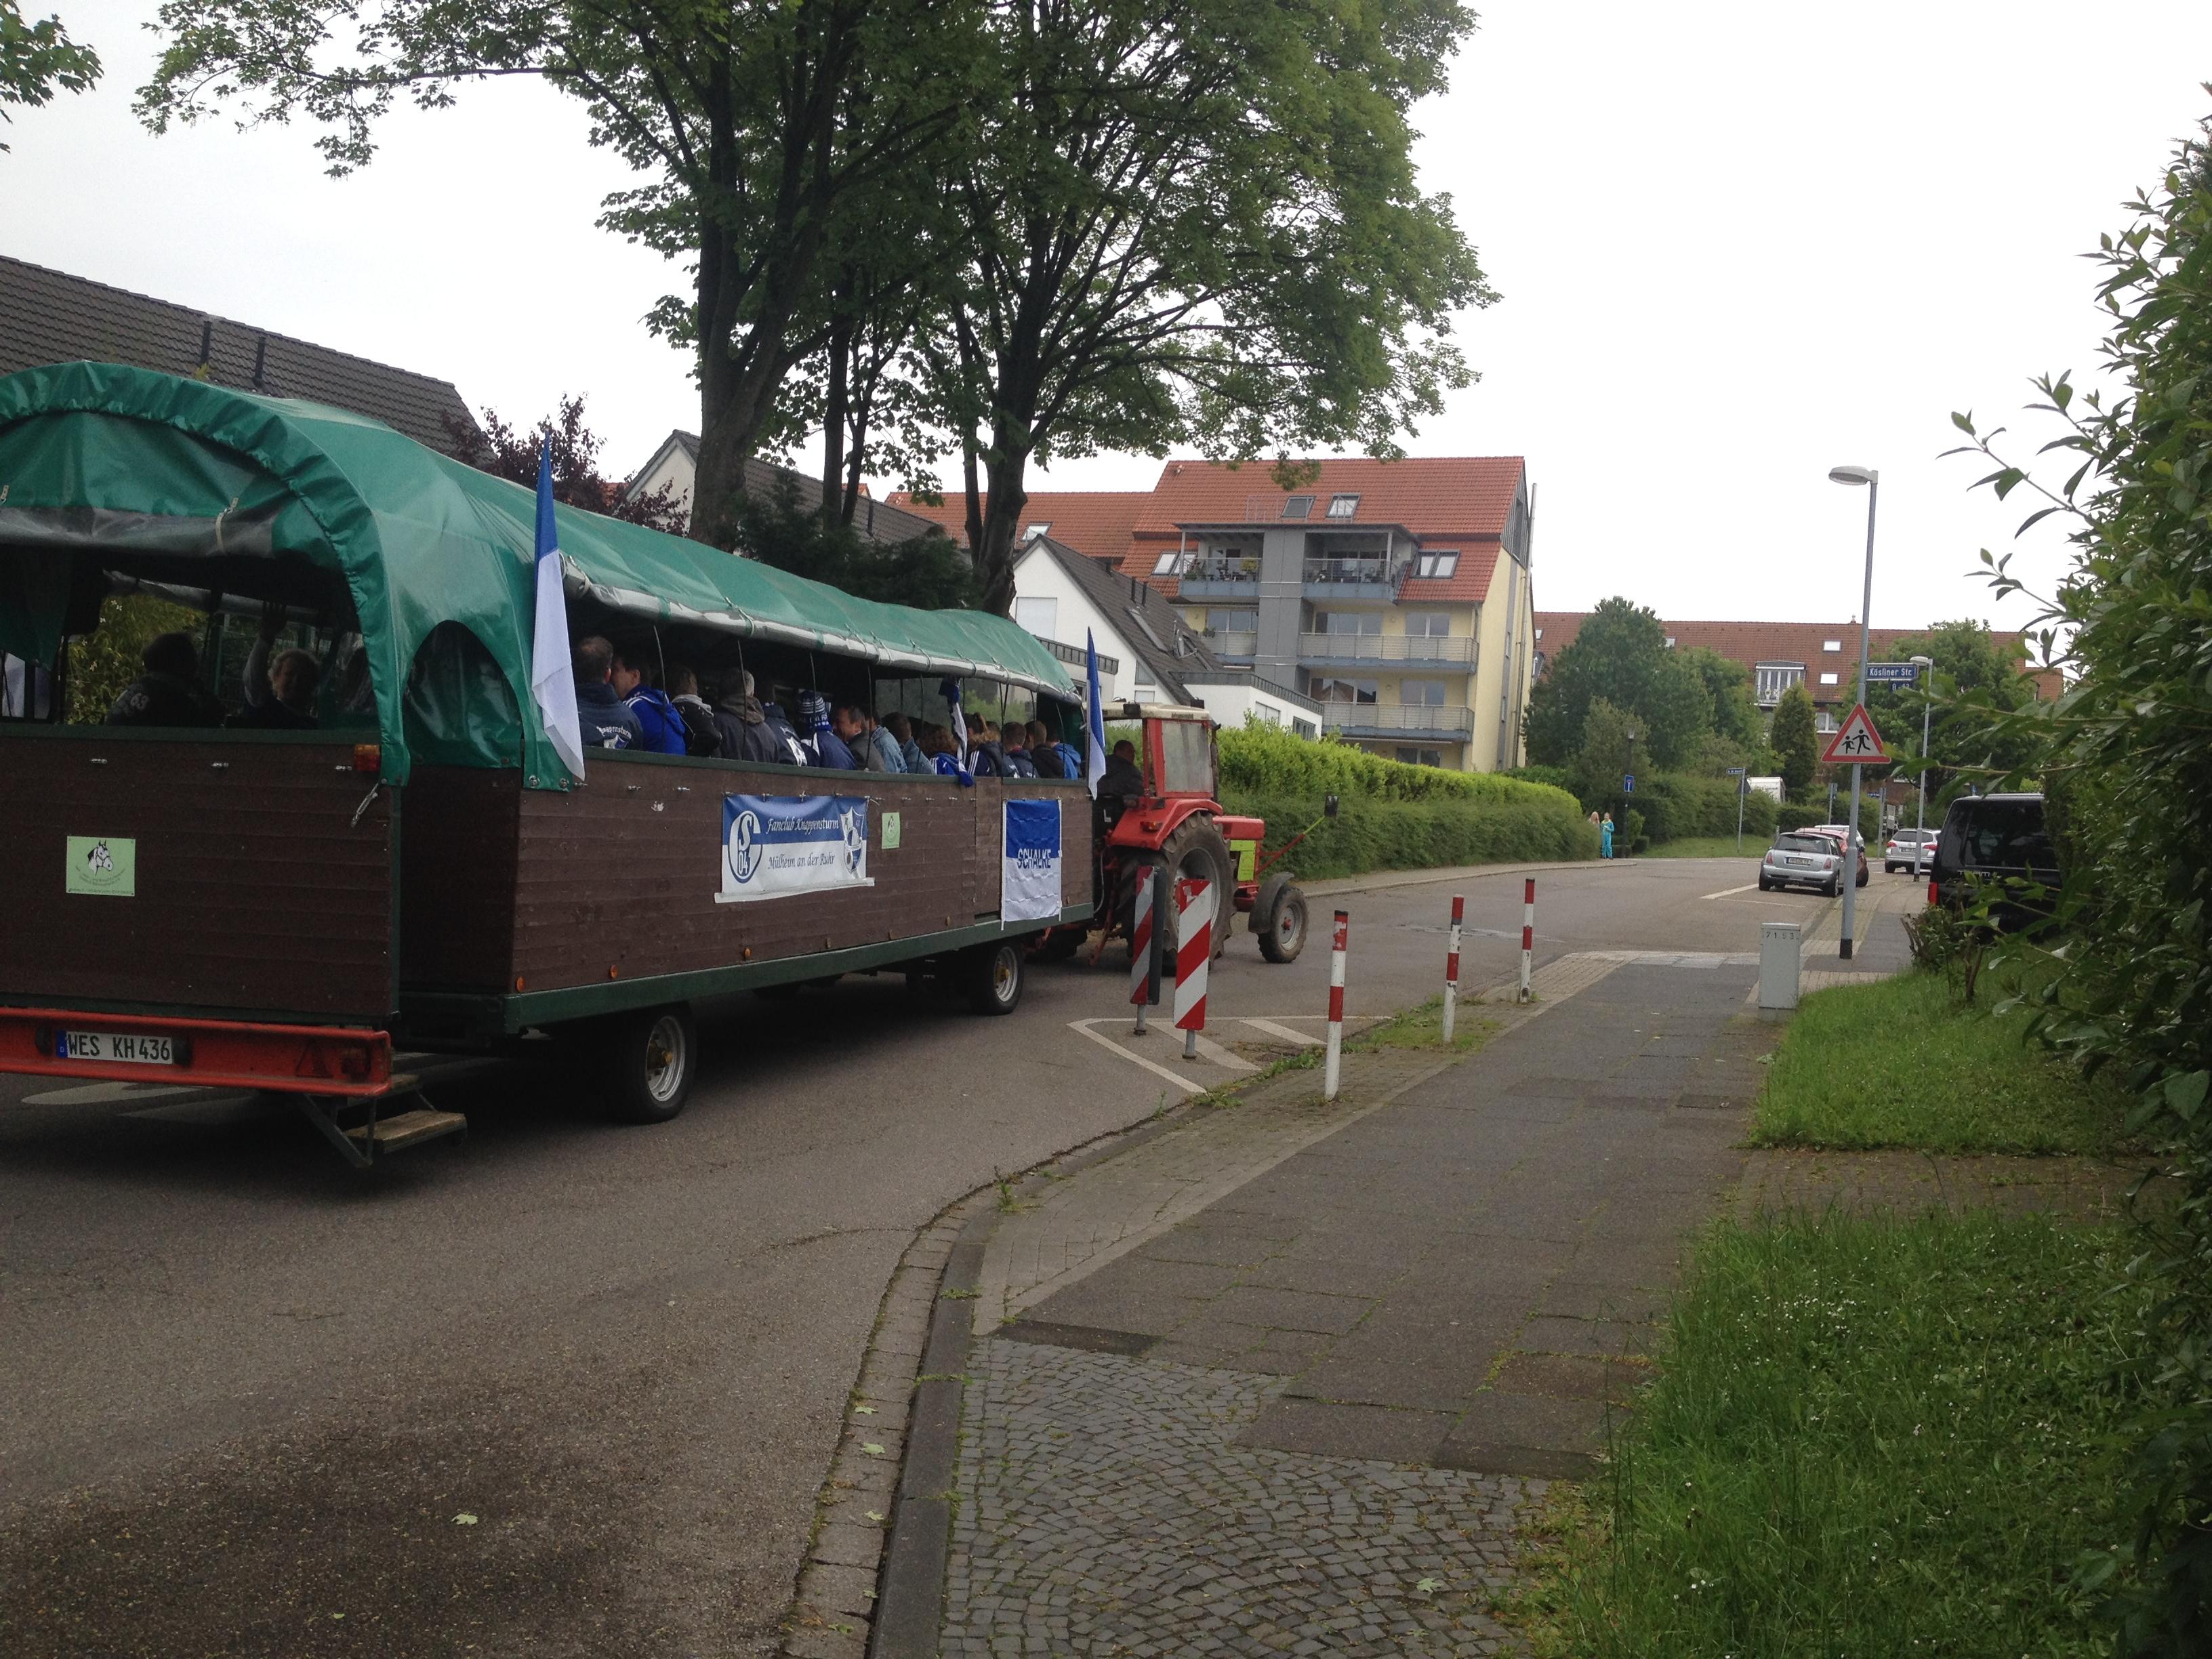 Planwagenfahrt 2016/2017